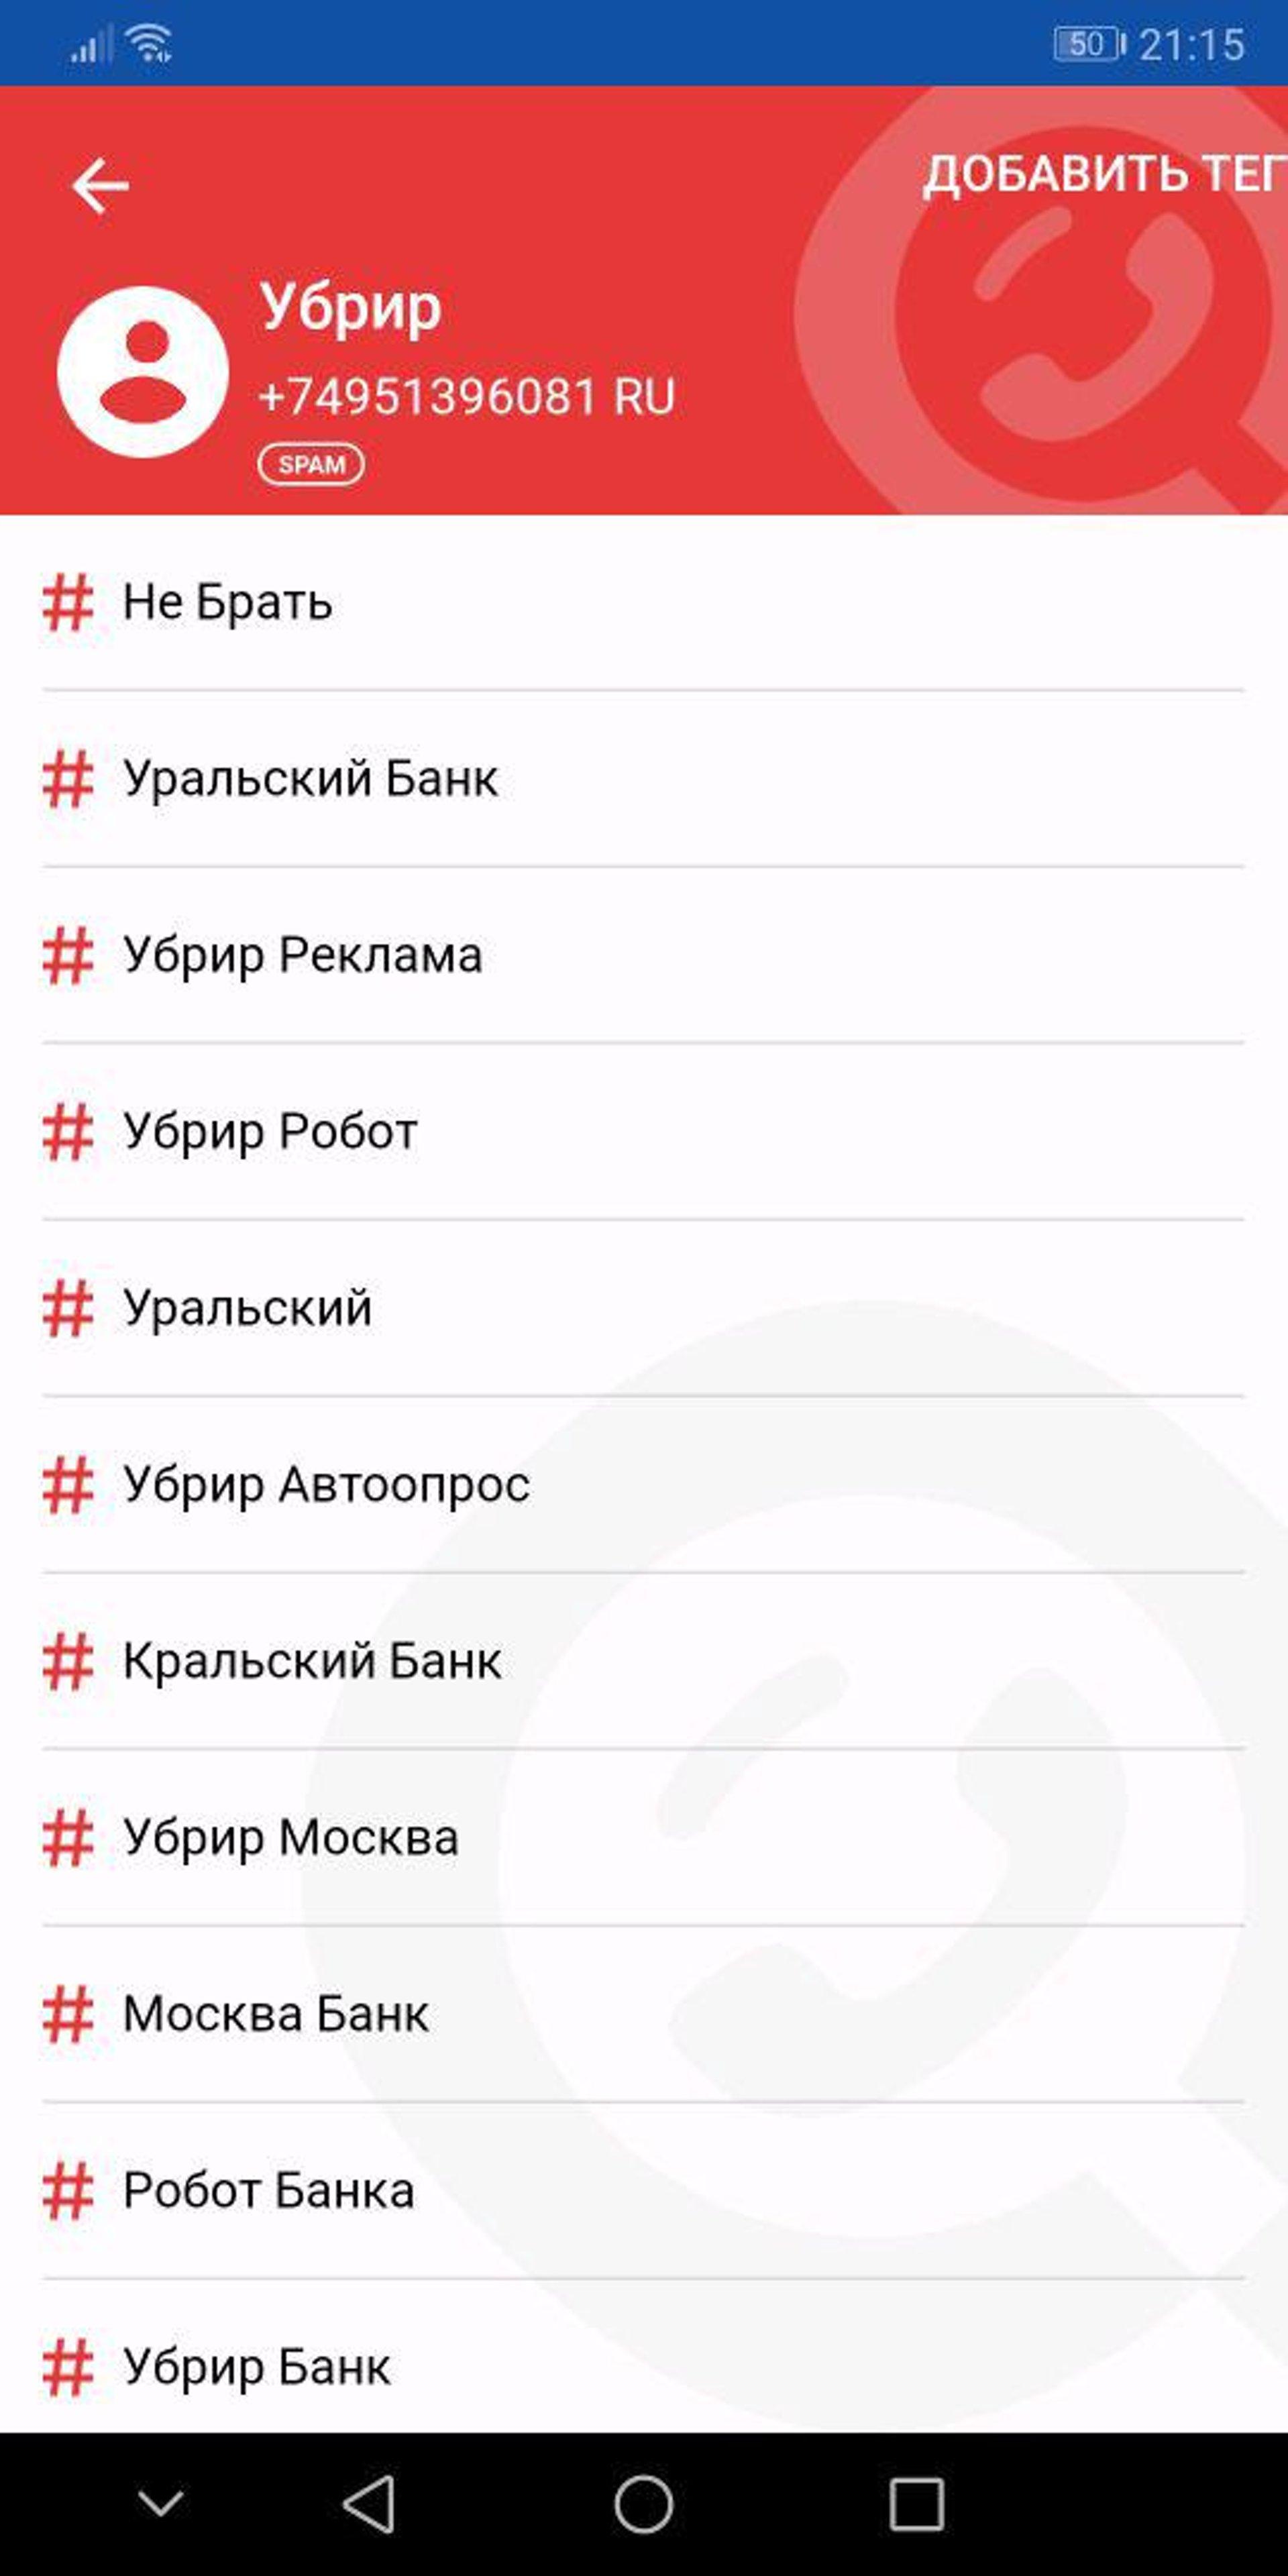 Уральский банк одобрение кредита